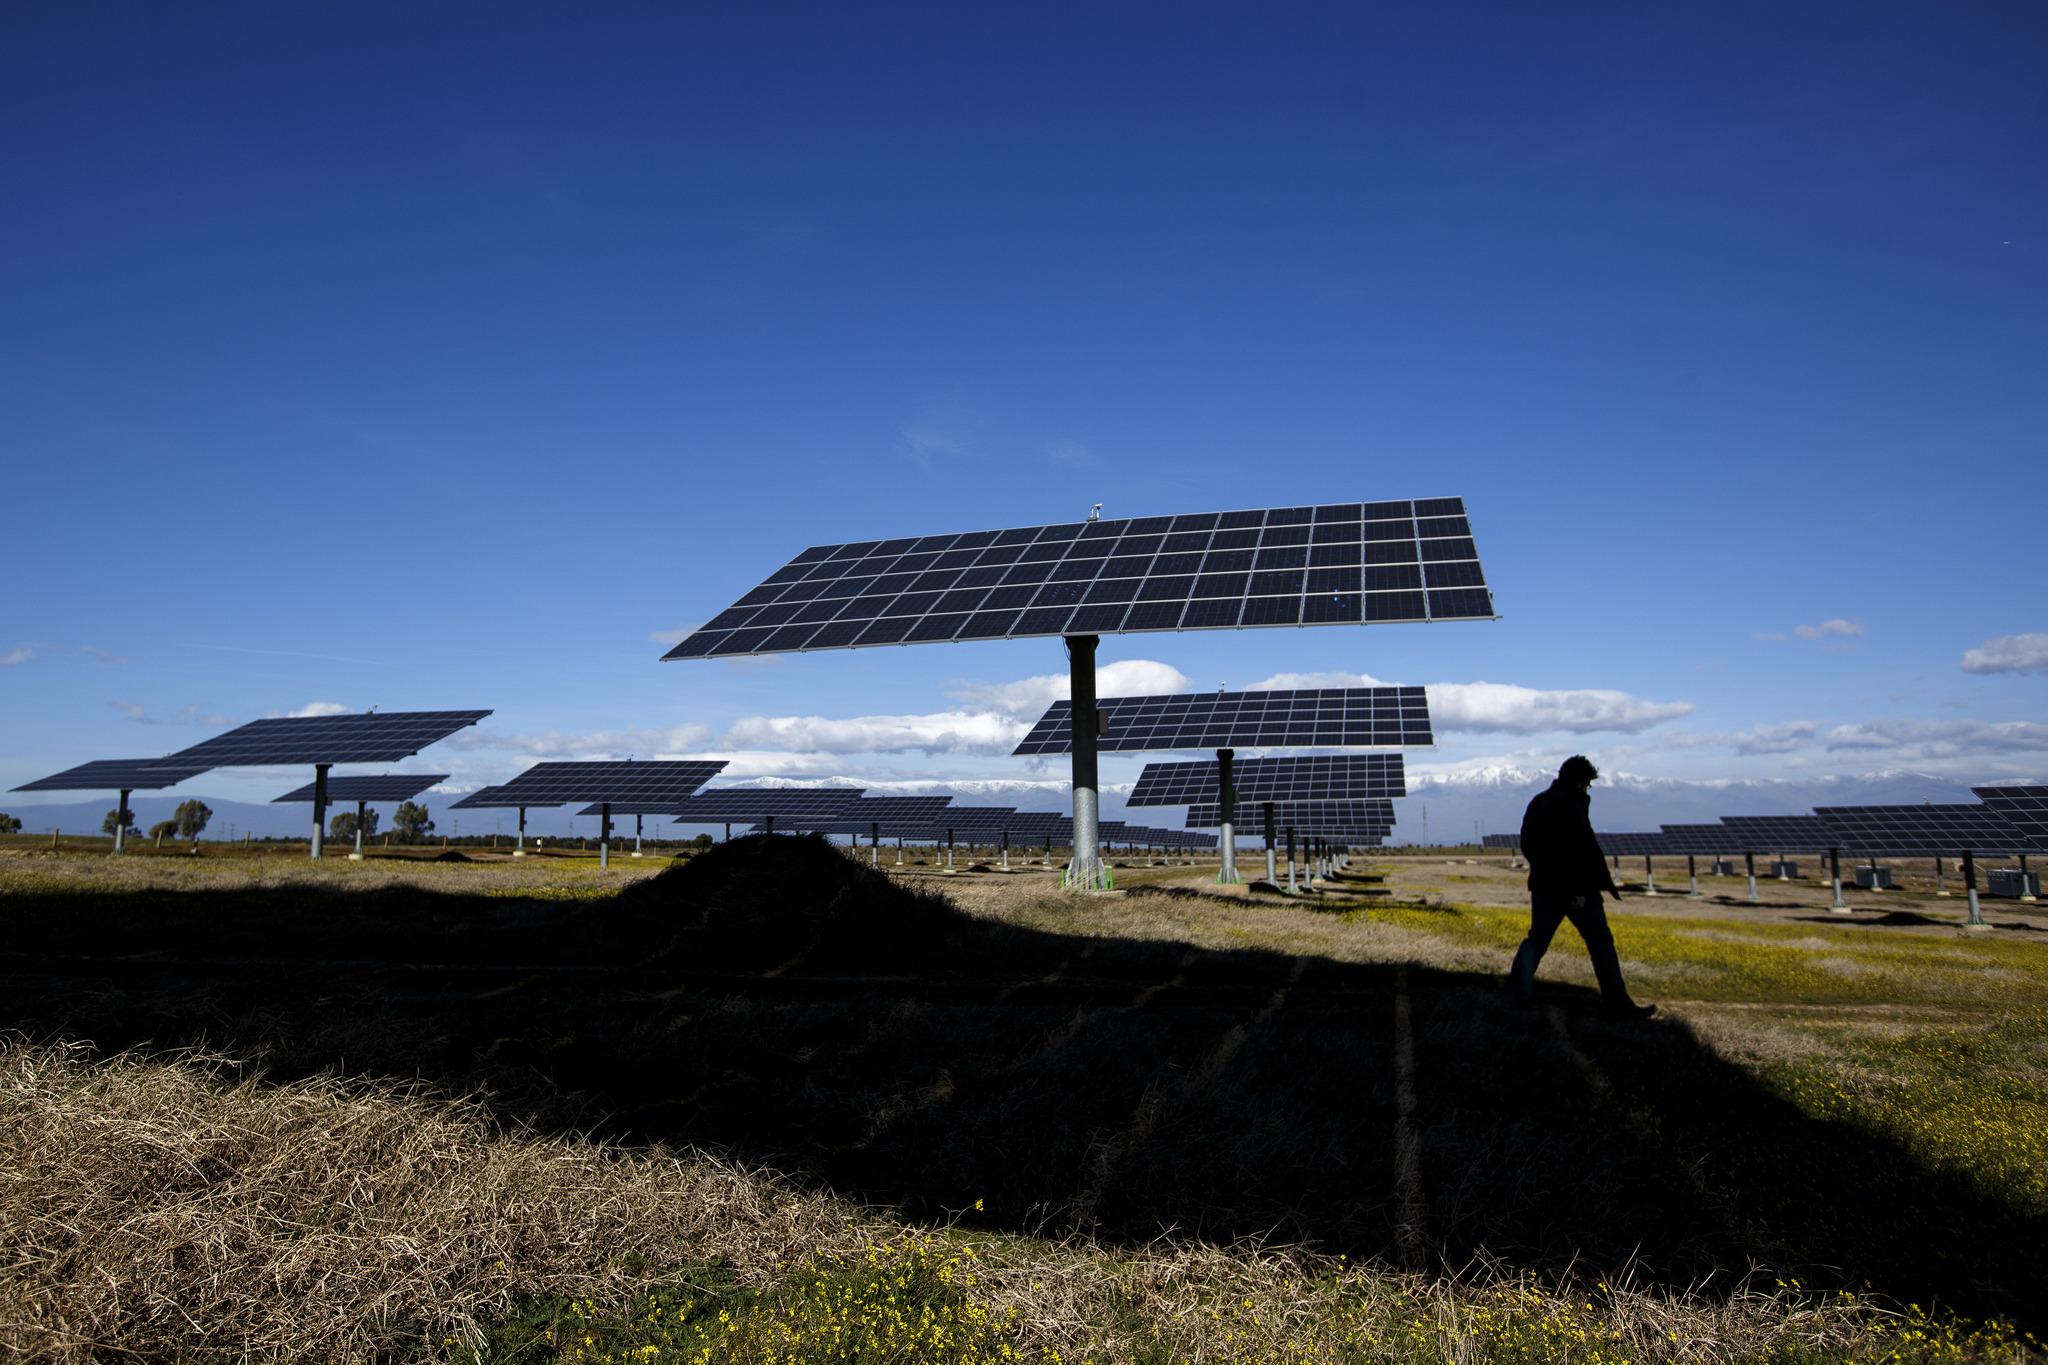 Huerto solar en la región de Extremadura.